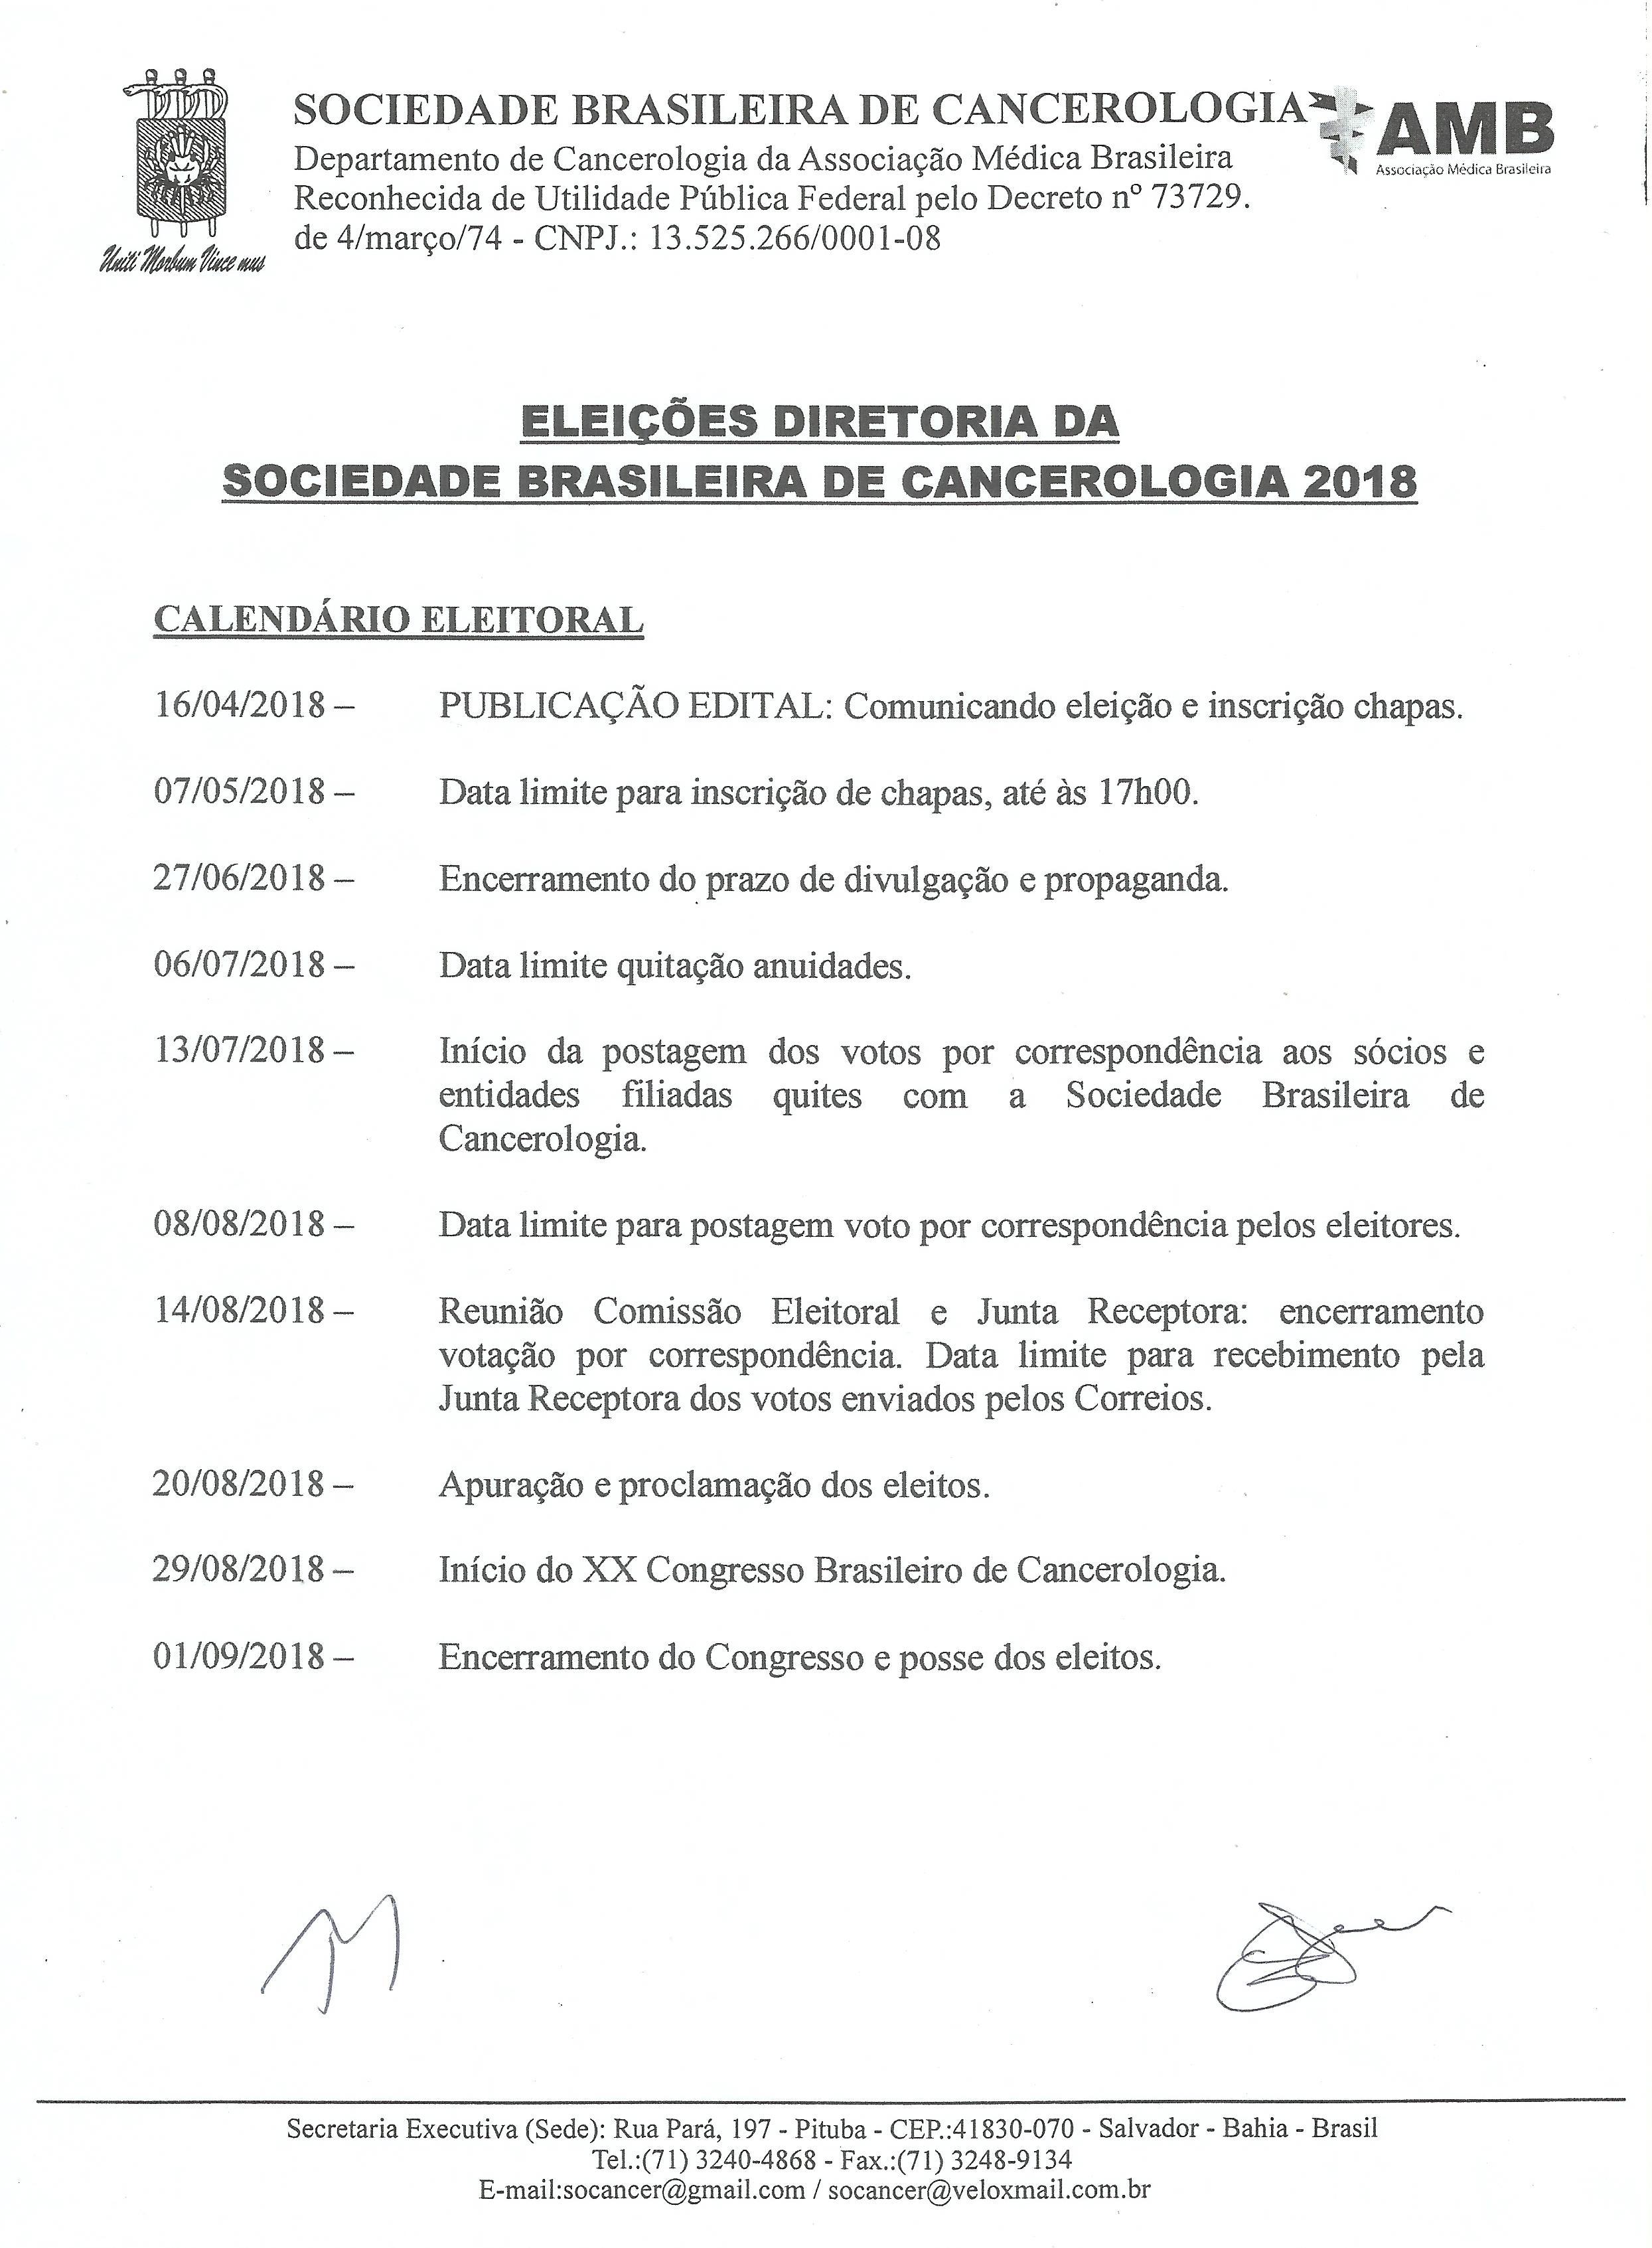 calendario-eleitoral-2018